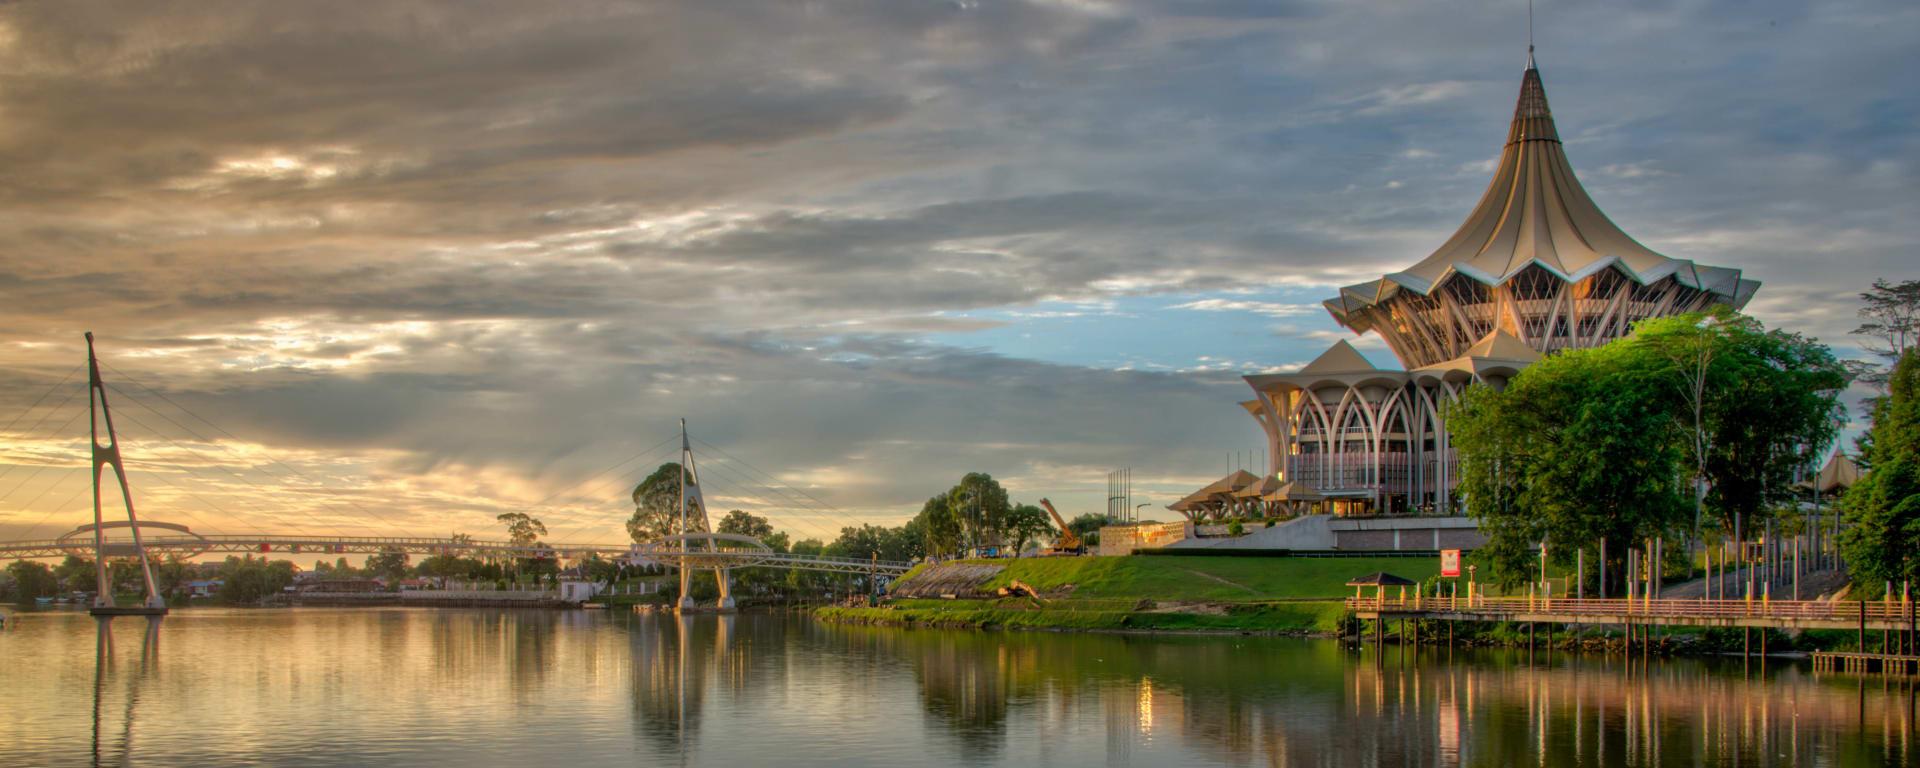 Borneo entdecken mit Tischler Reisen: Malaysia Borneo Sarawak Kuching